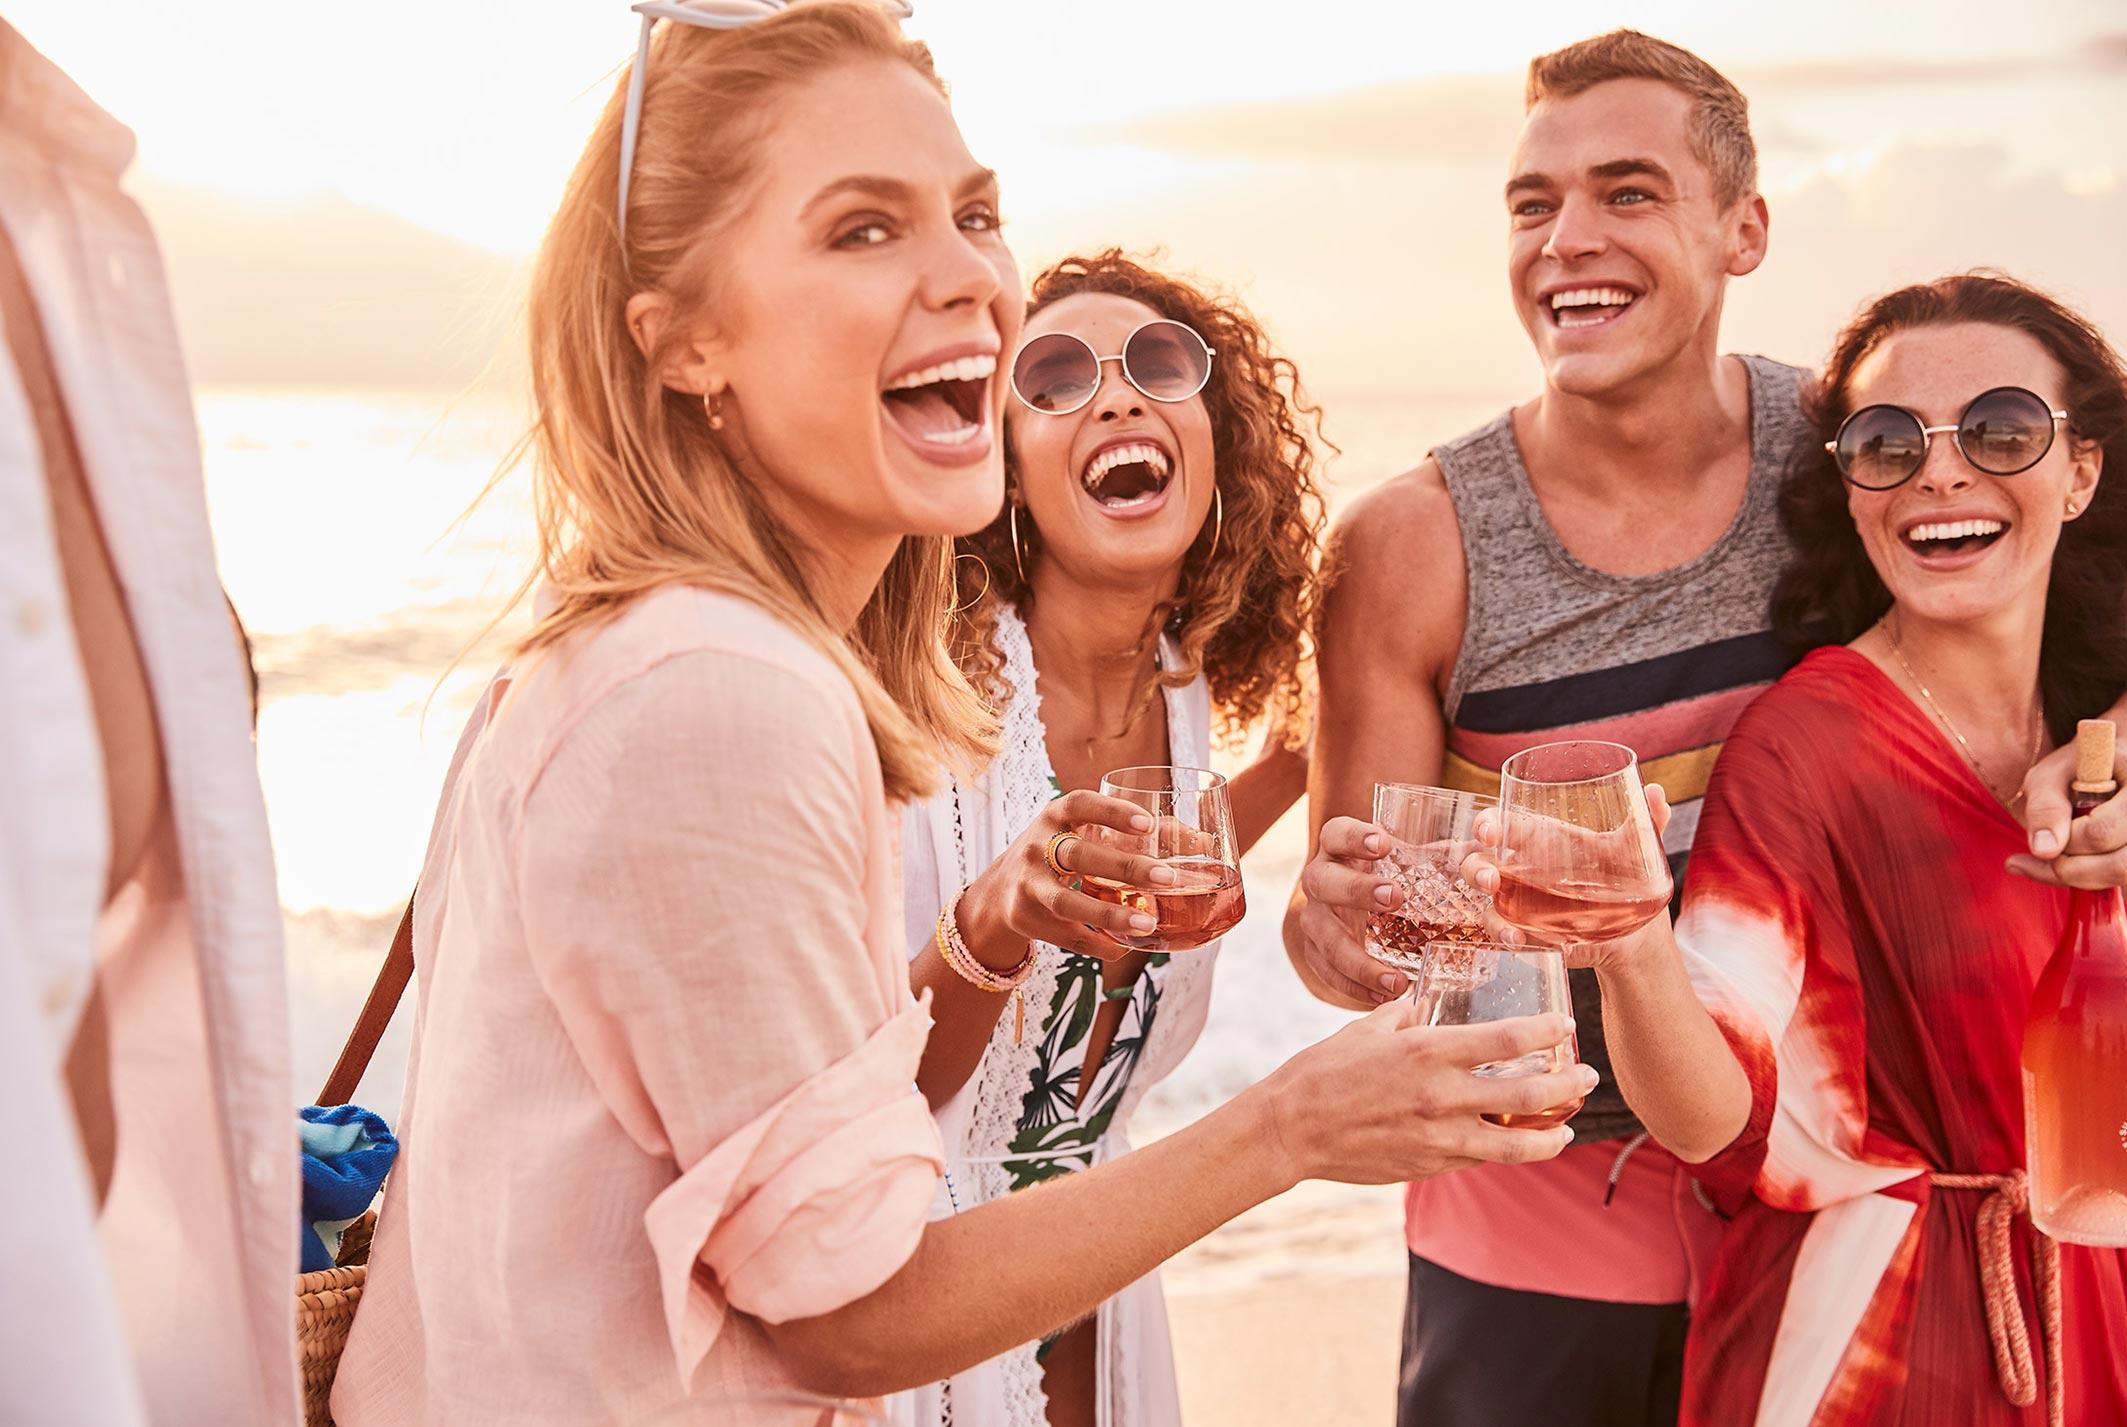 рекламная кампания вина Sunseeker Rose / фото 21